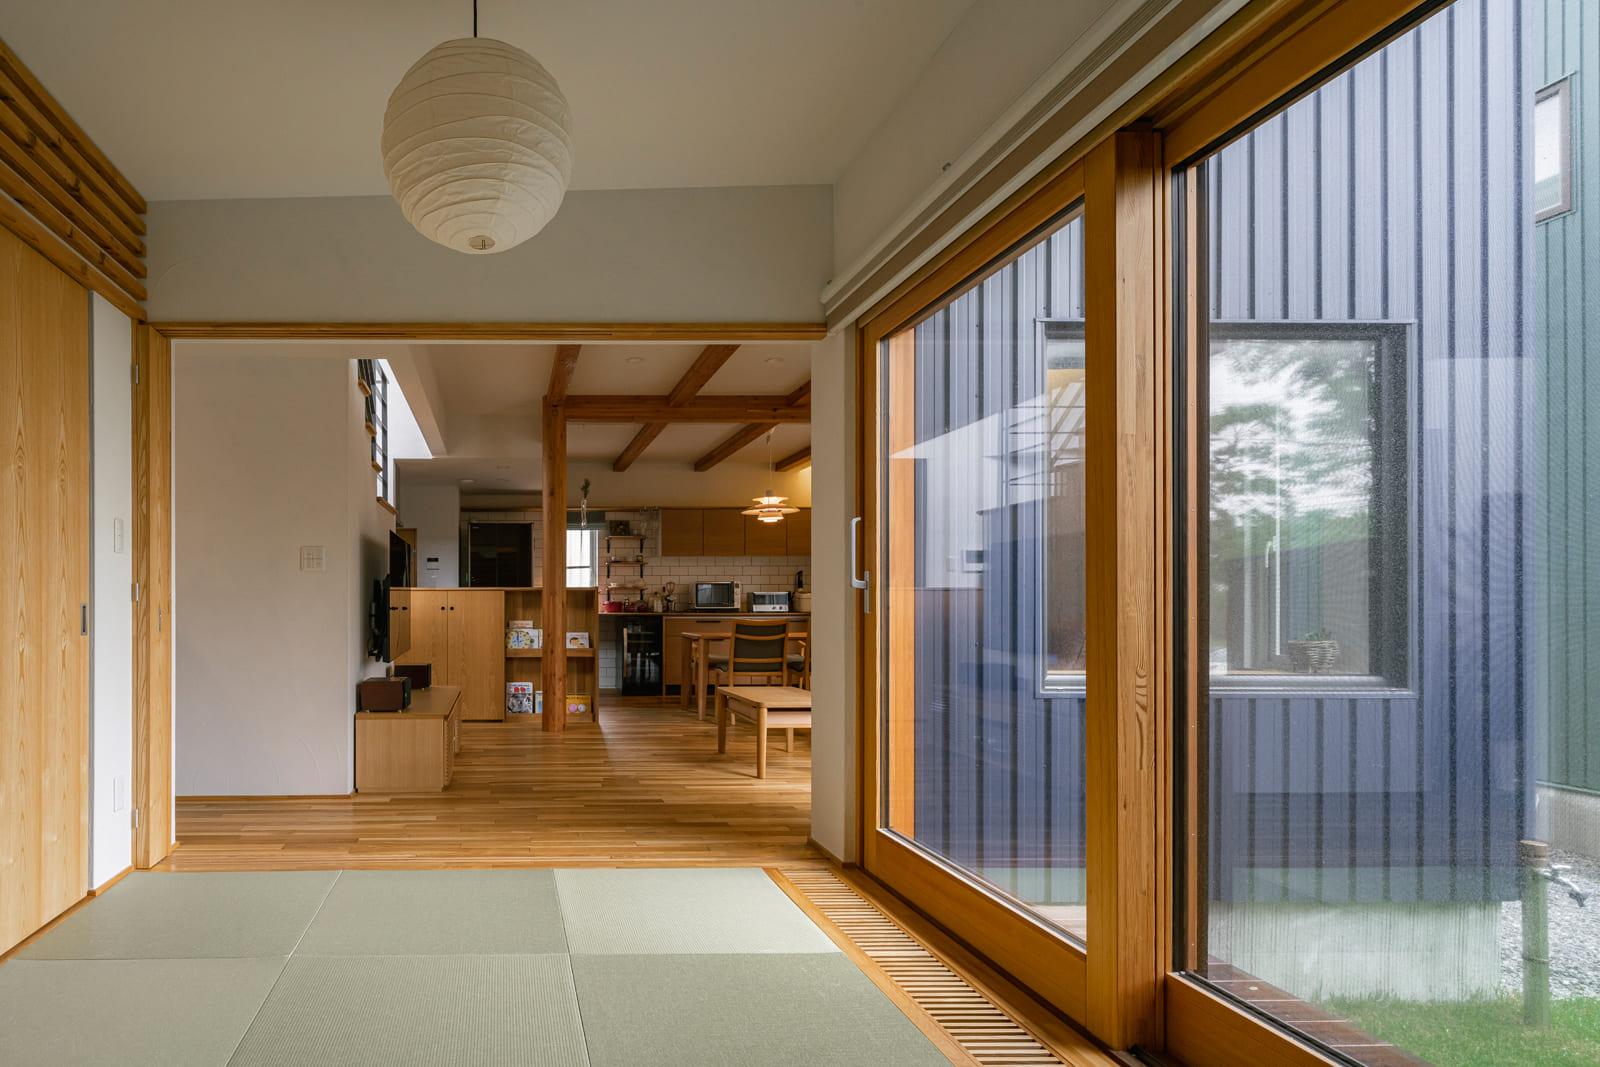 客間や子どもスペースなど多目的に利用できる和室は、リビングと土間の中間に配置。中庭に面して濡れ縁的なデッキも設けられている